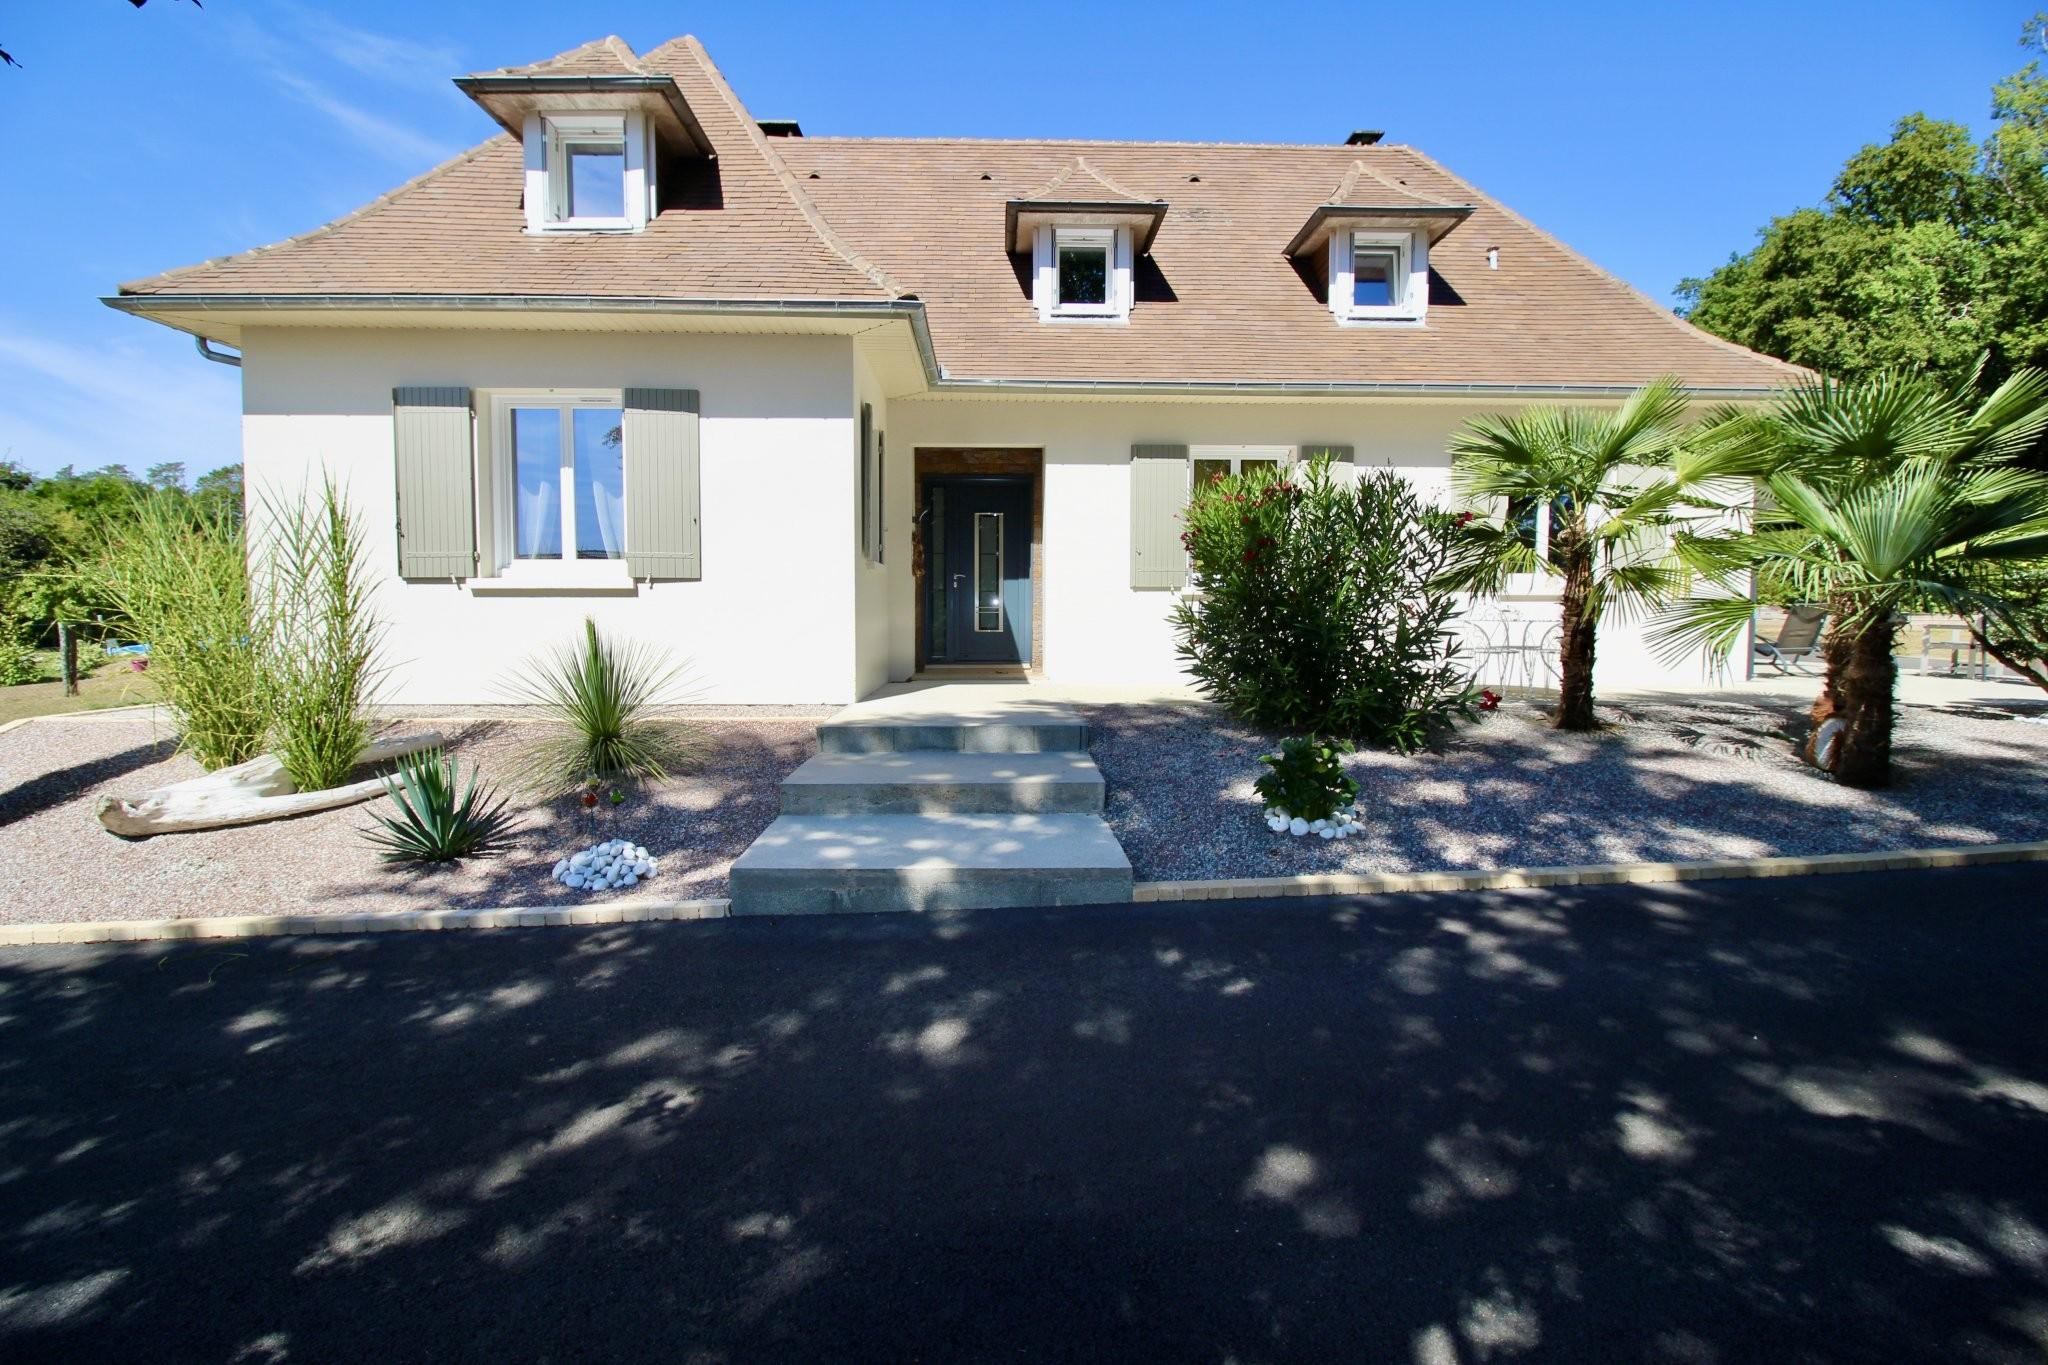 Vente Maison Panazol 87350 Sur Le Partenaire